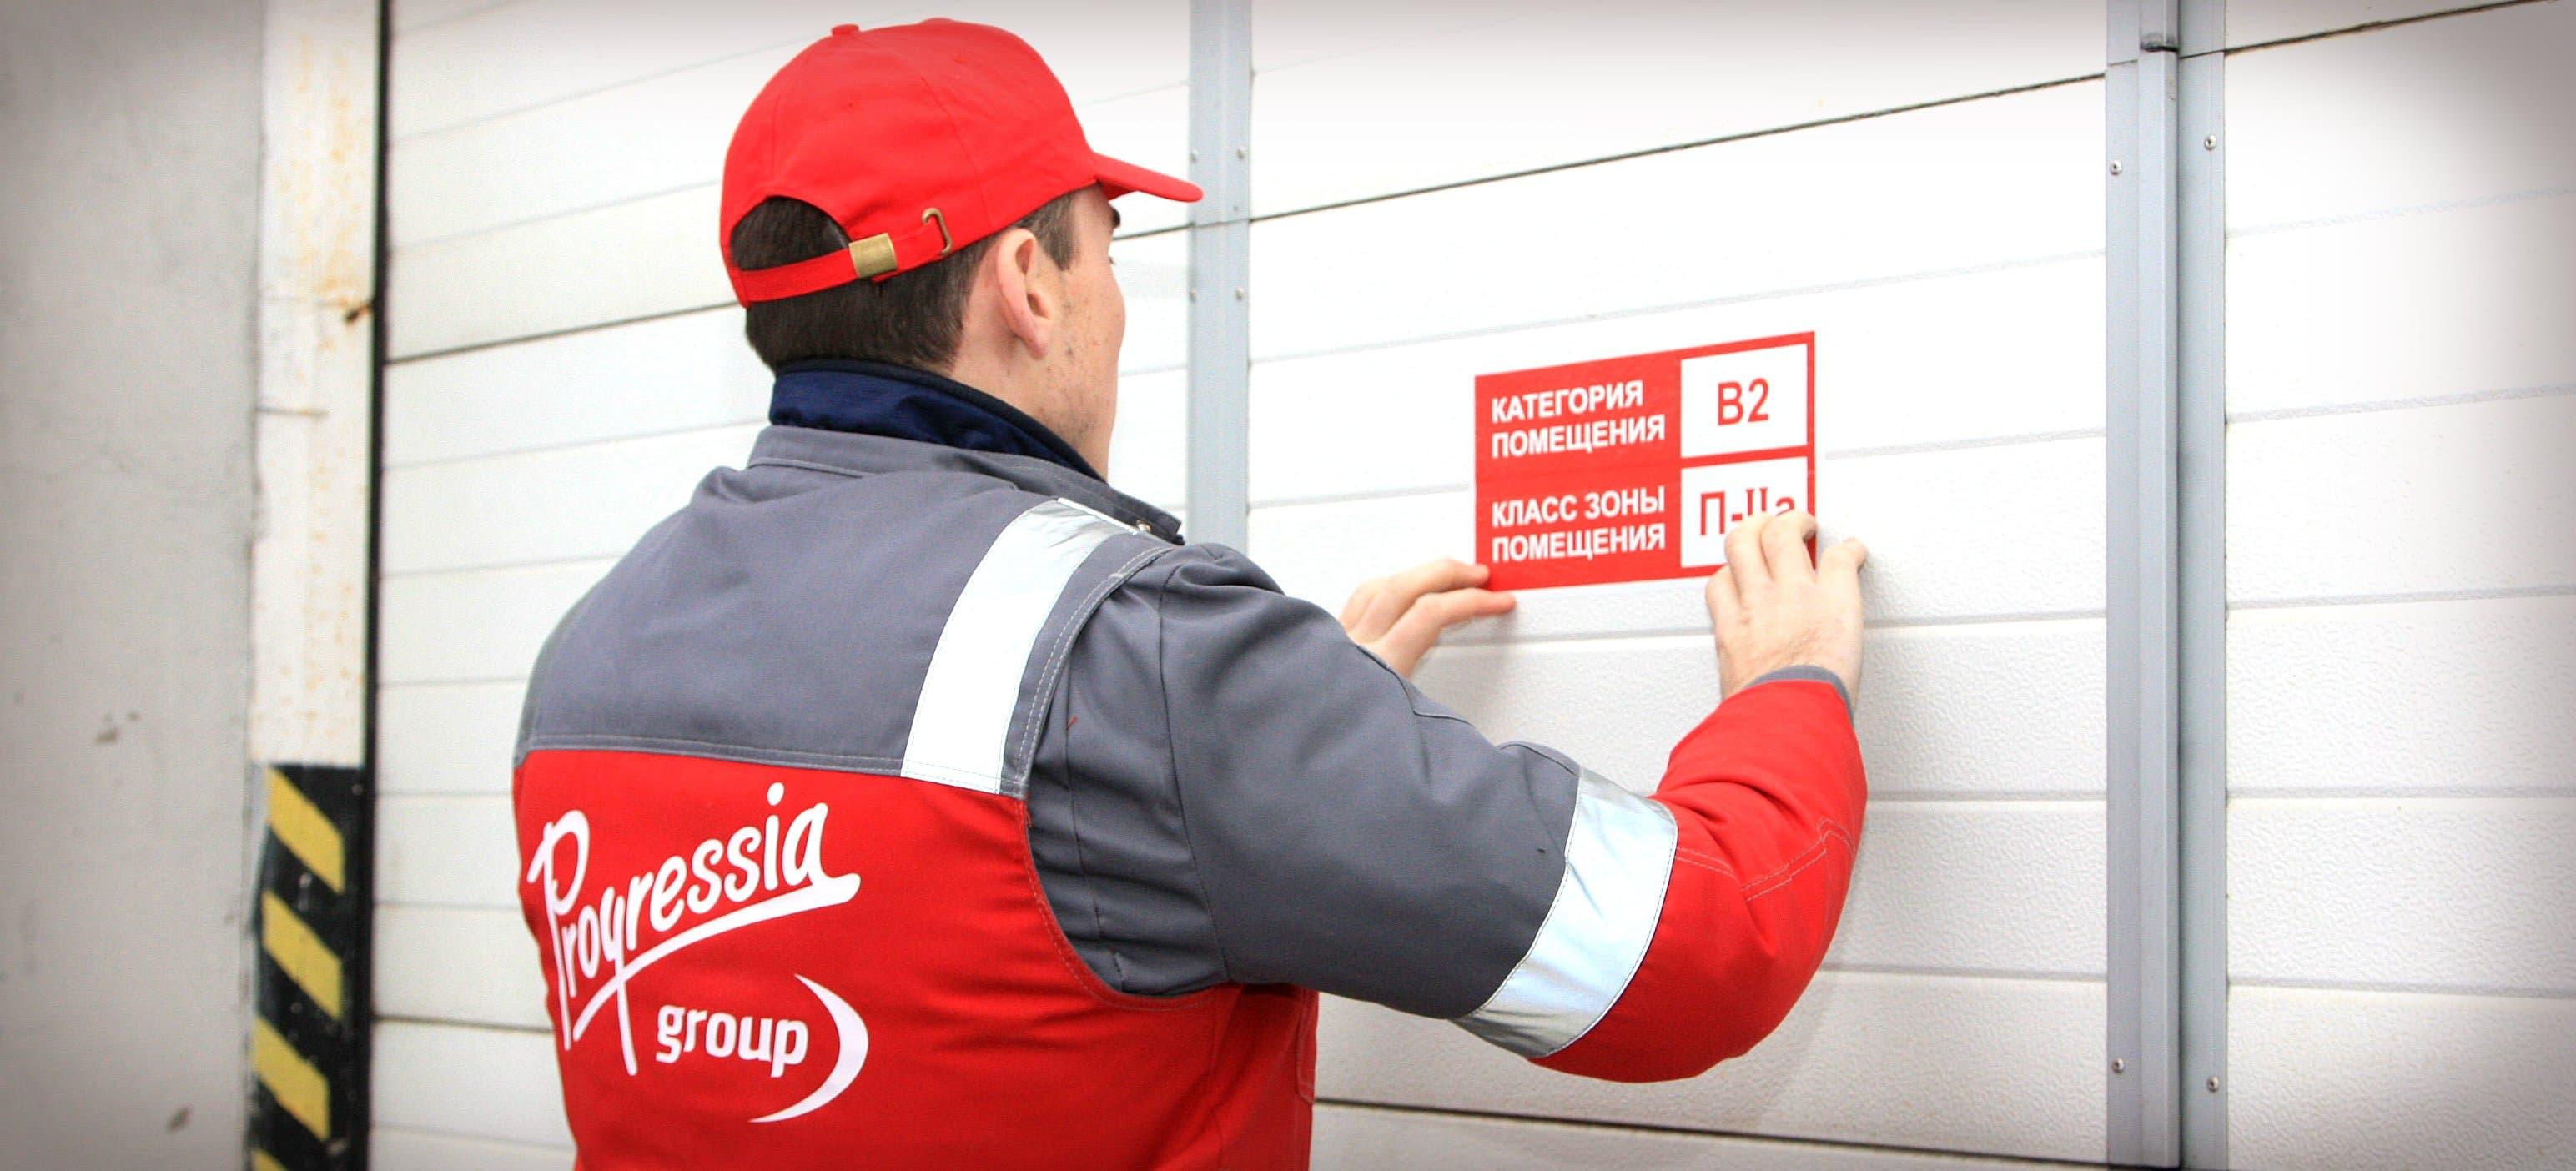 категории помещений пожарной опасности